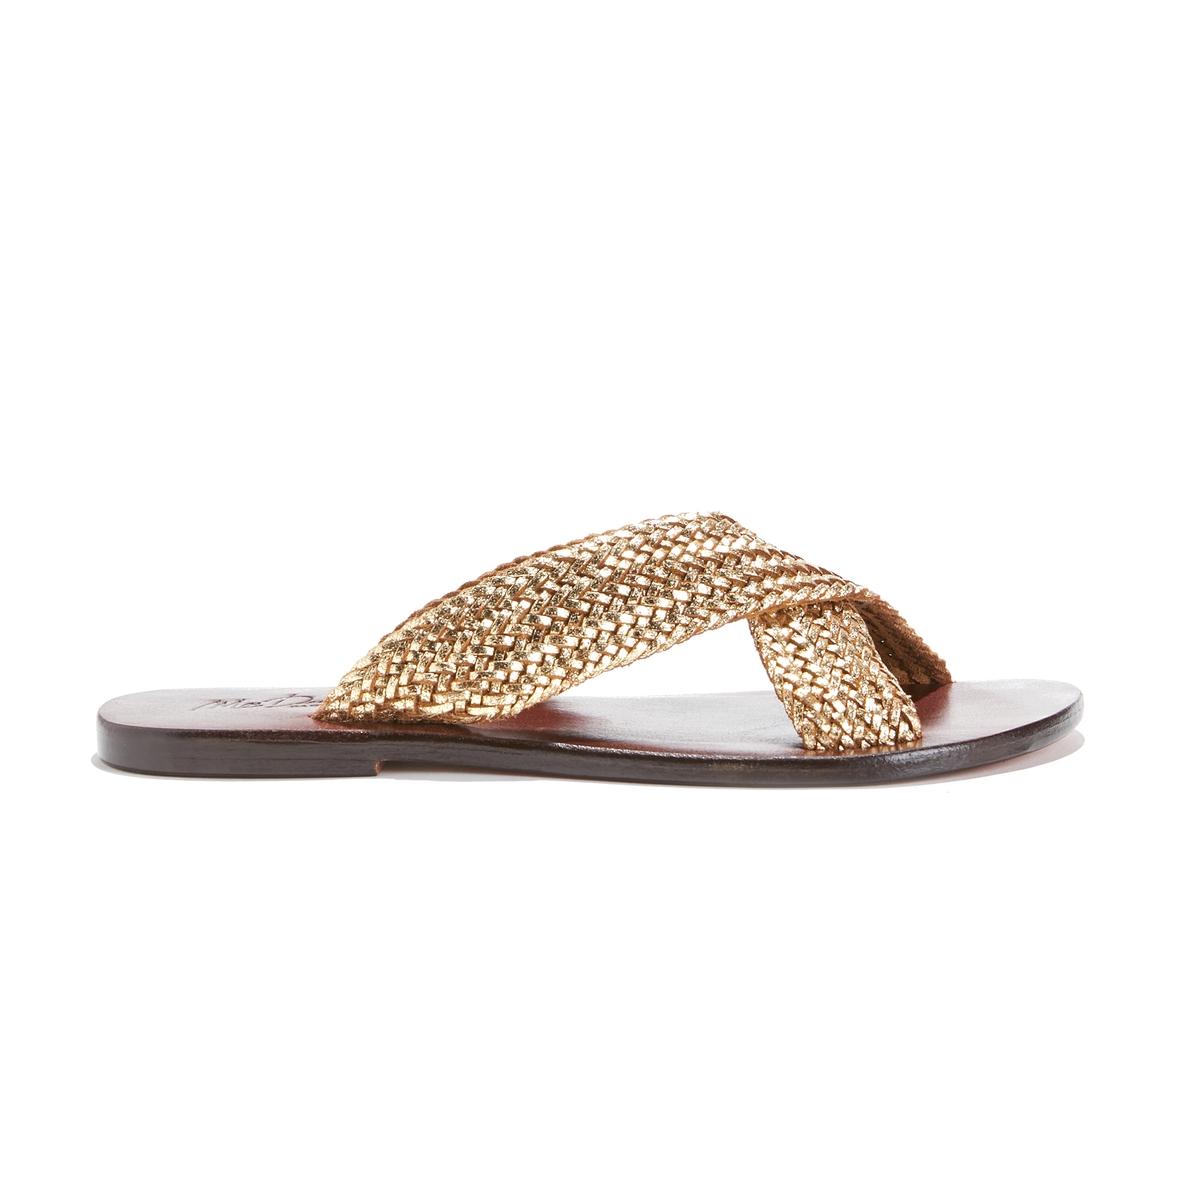 Туфли без задника плетеные золотистого цвета на плоском каблуке ANKH